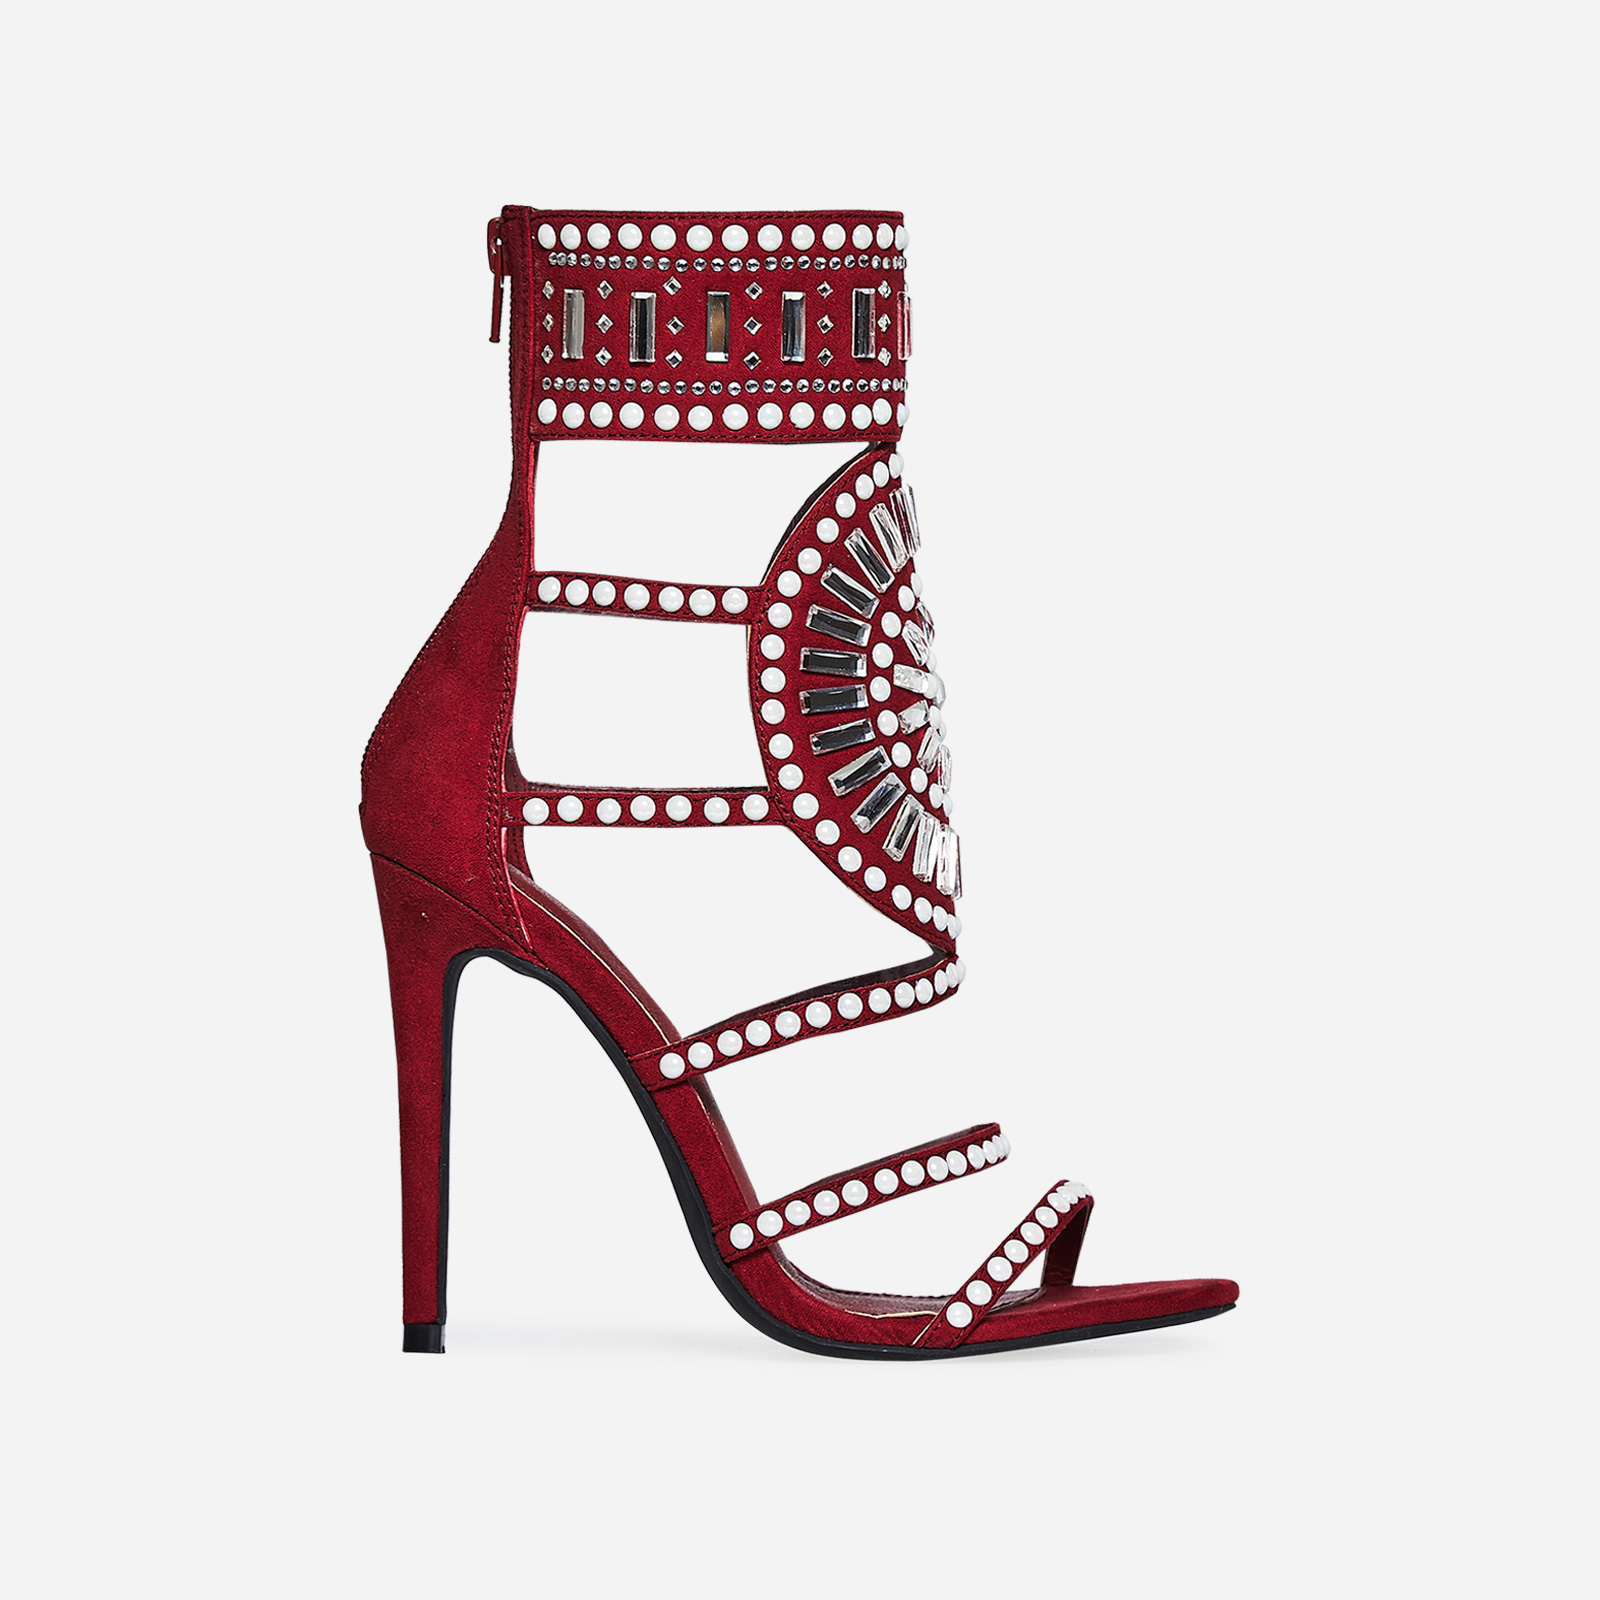 Solange Embellished Heel In Burgundy Faux Suede